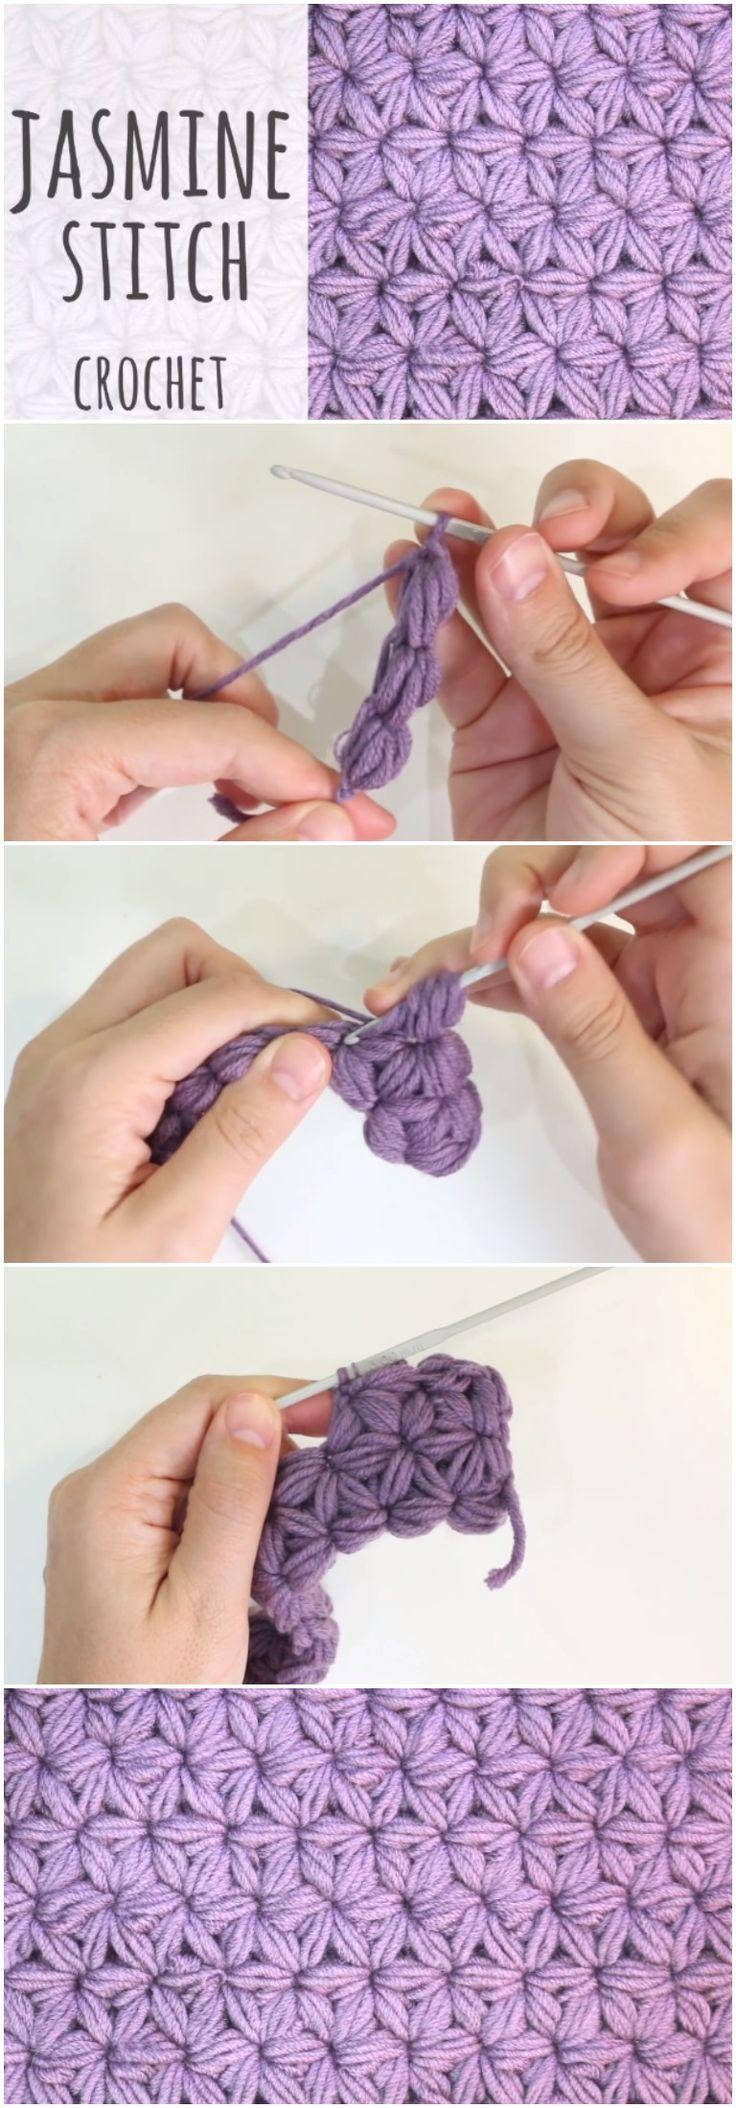 How To Crochet Jasmine Stitch